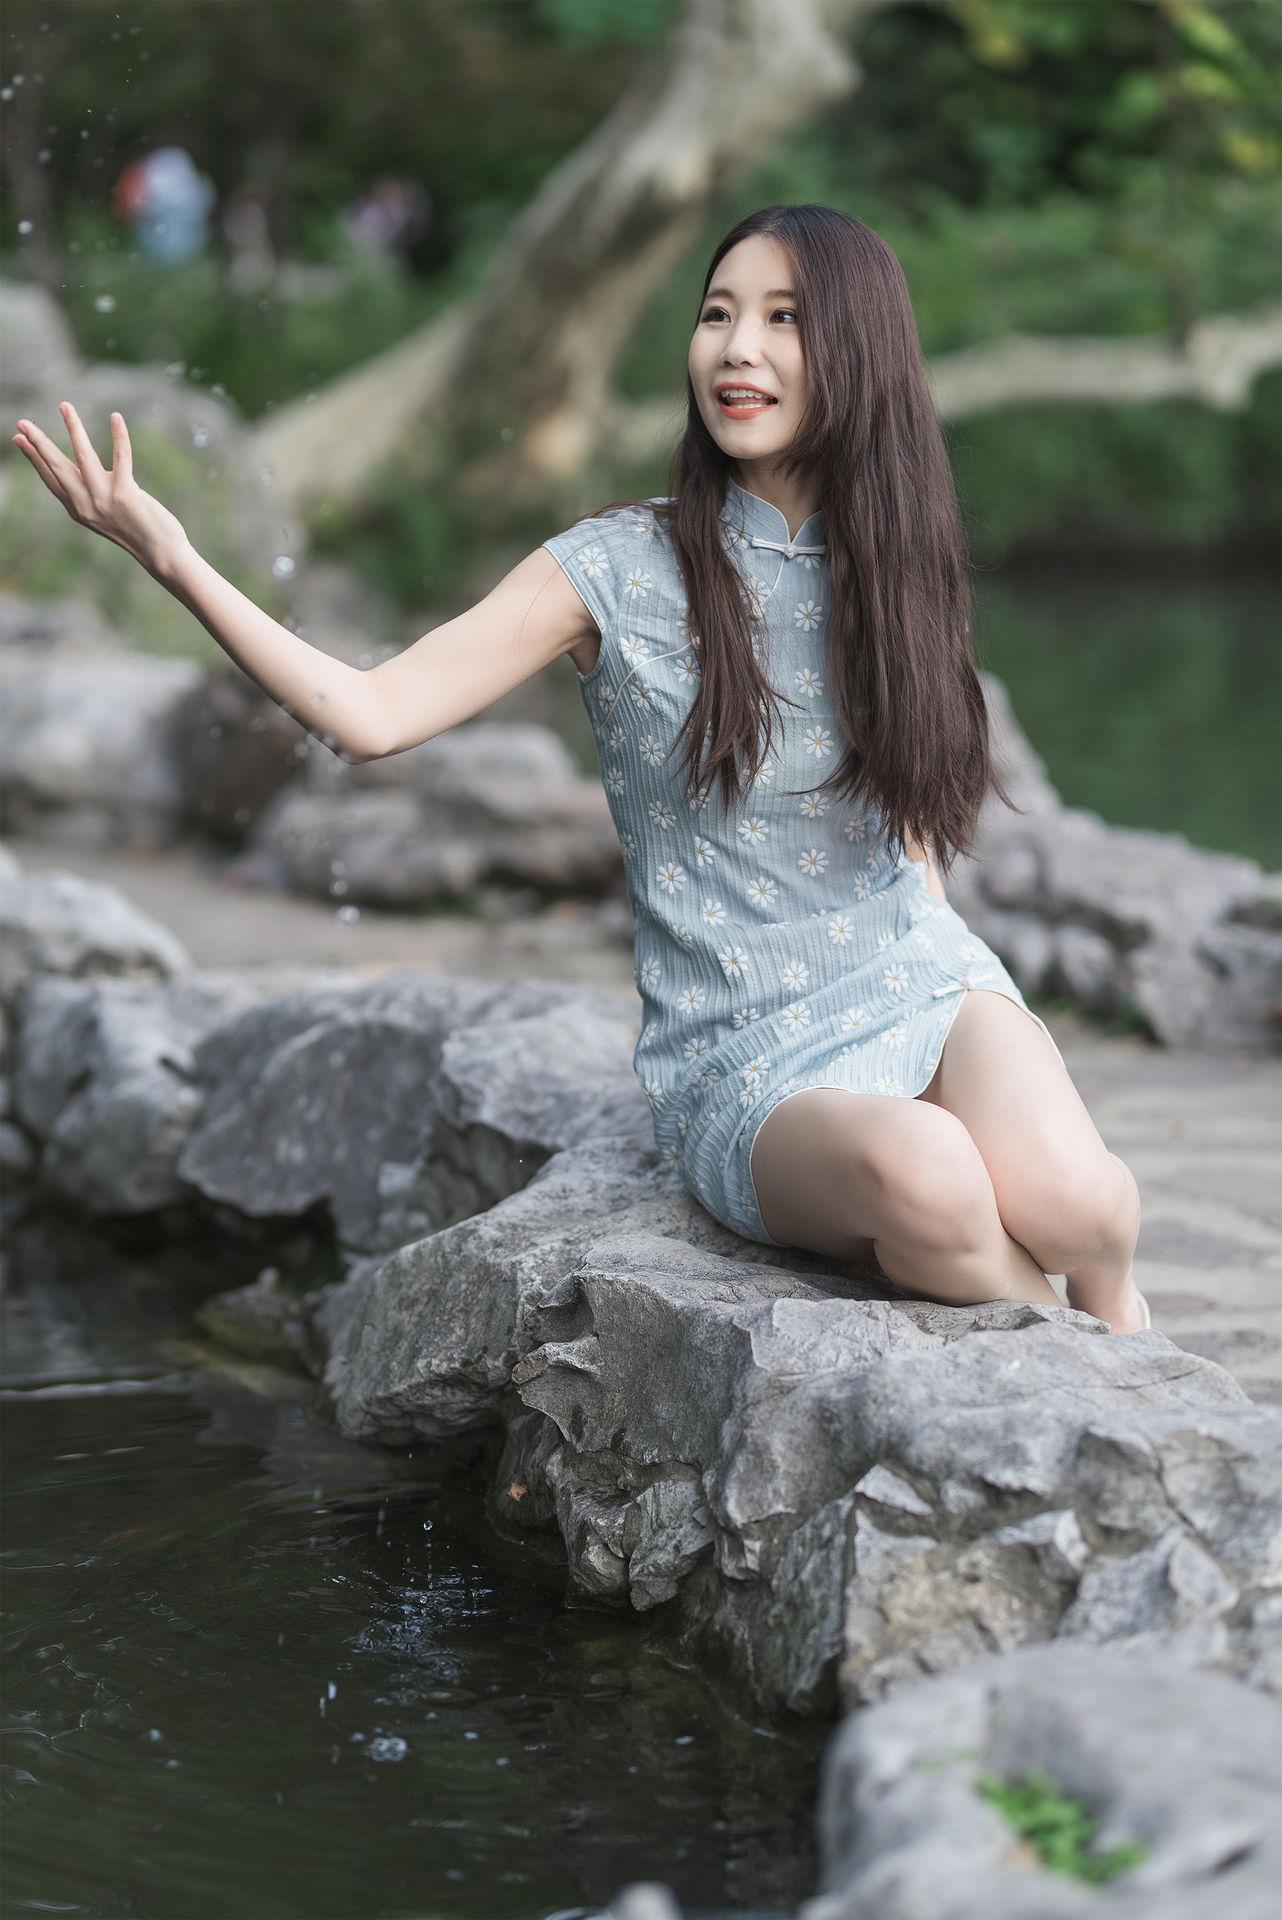 2018-10-20 思南路 好身材美女街拍_攝影師白卓的返片